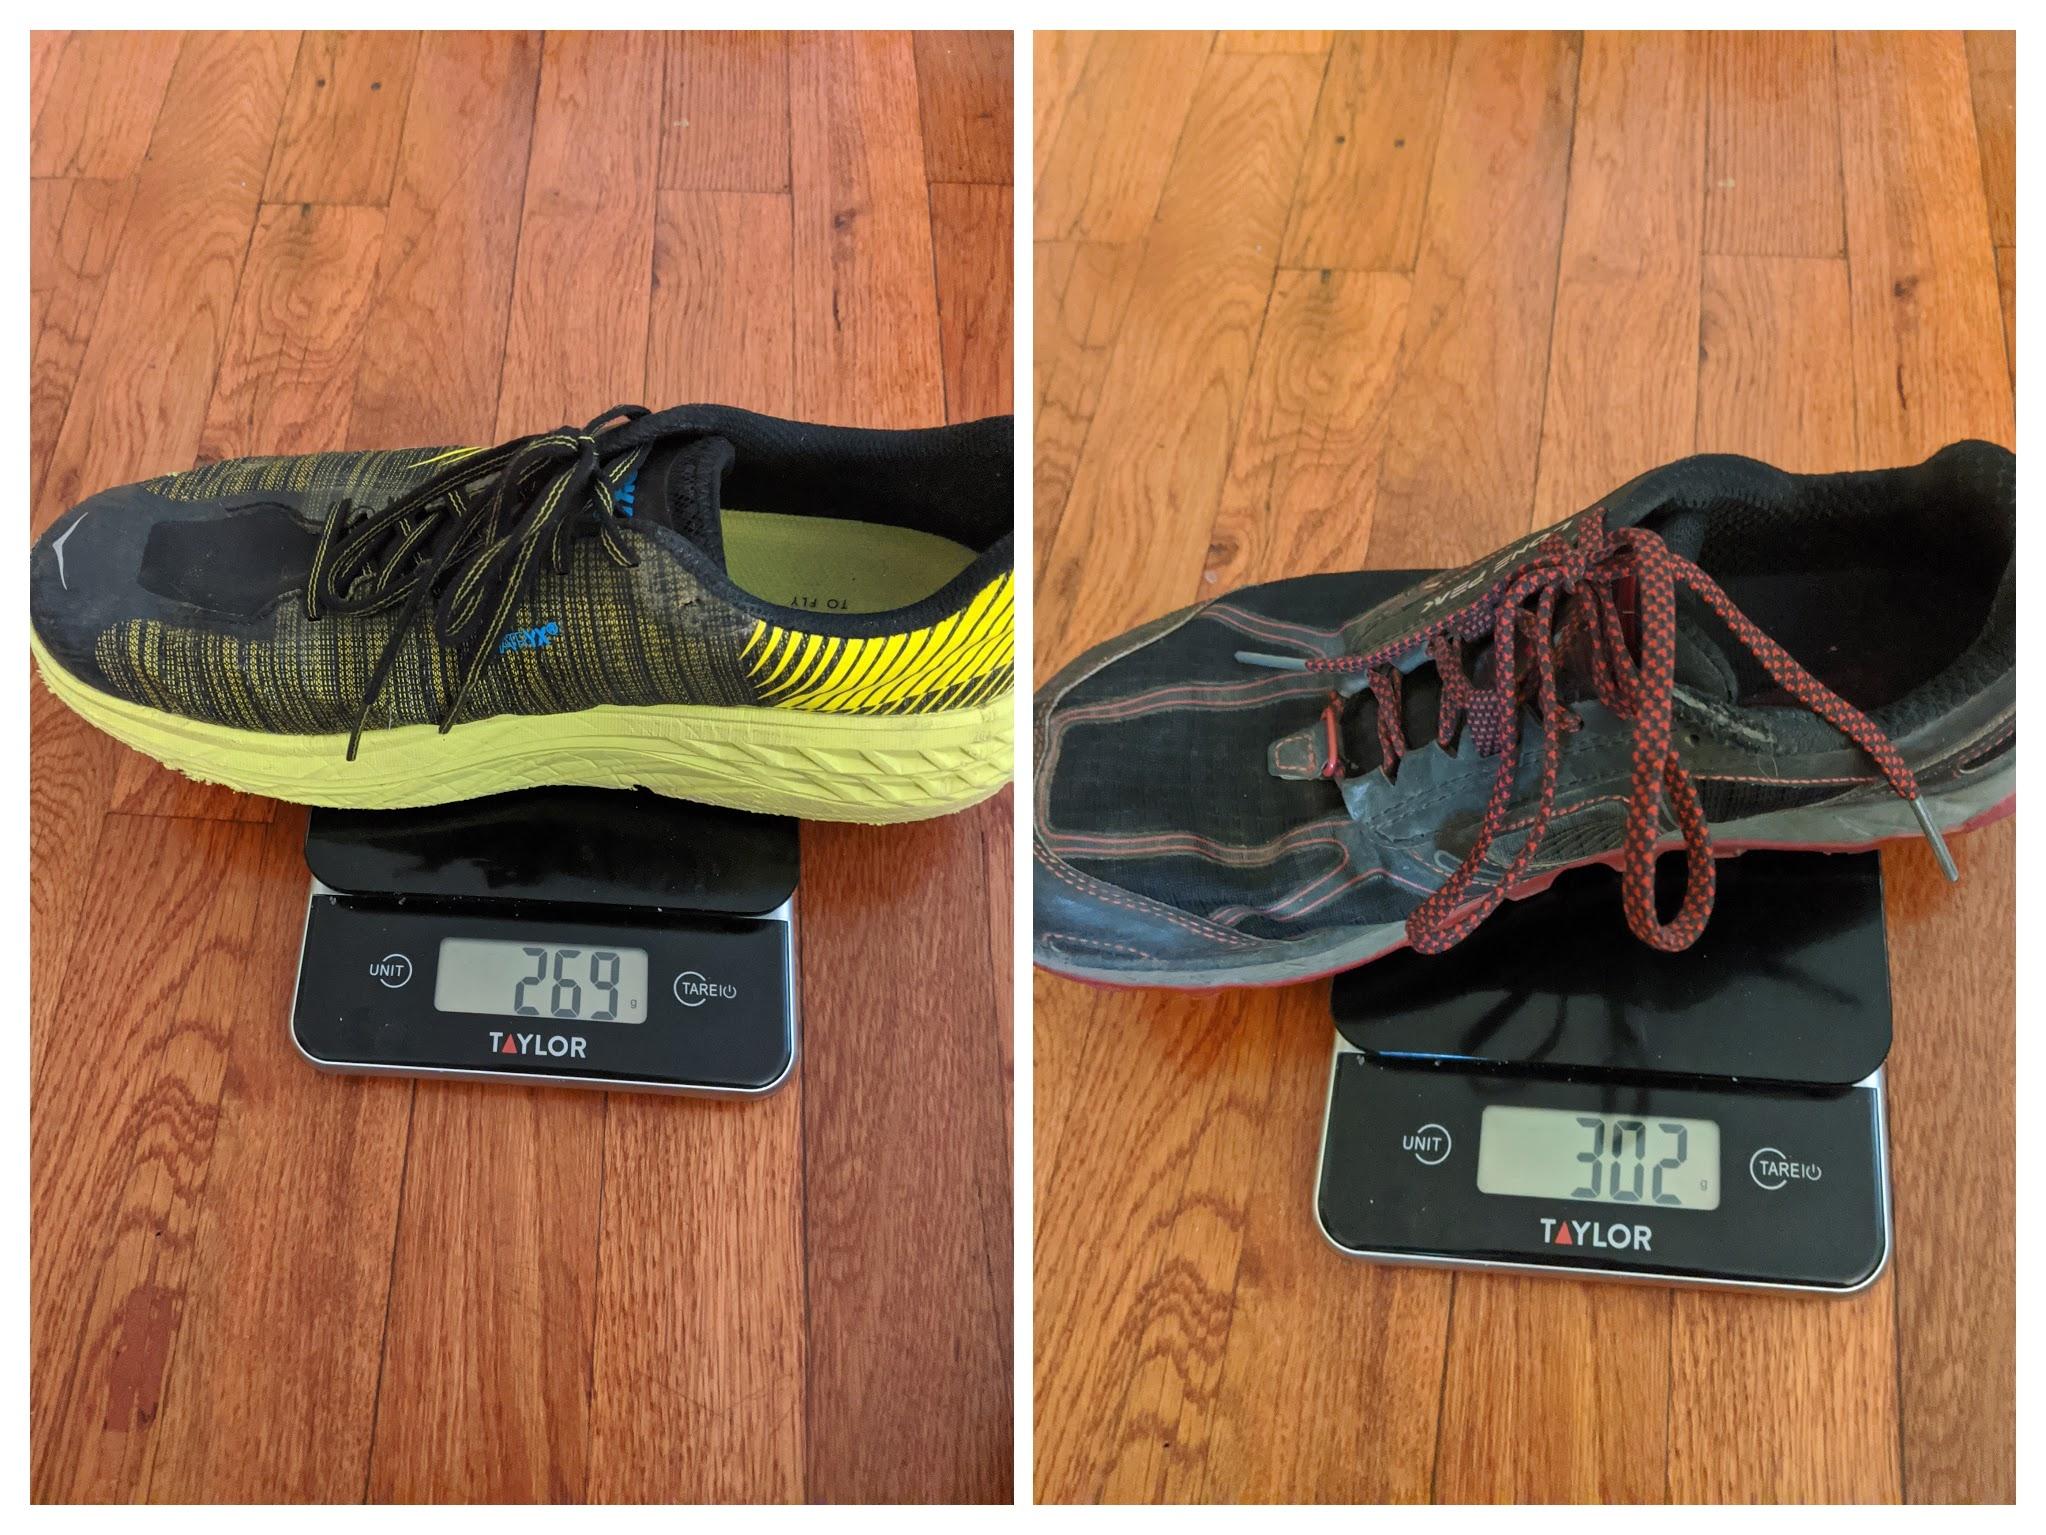 Hoka One One Evo Speedgoat Trail Shoes